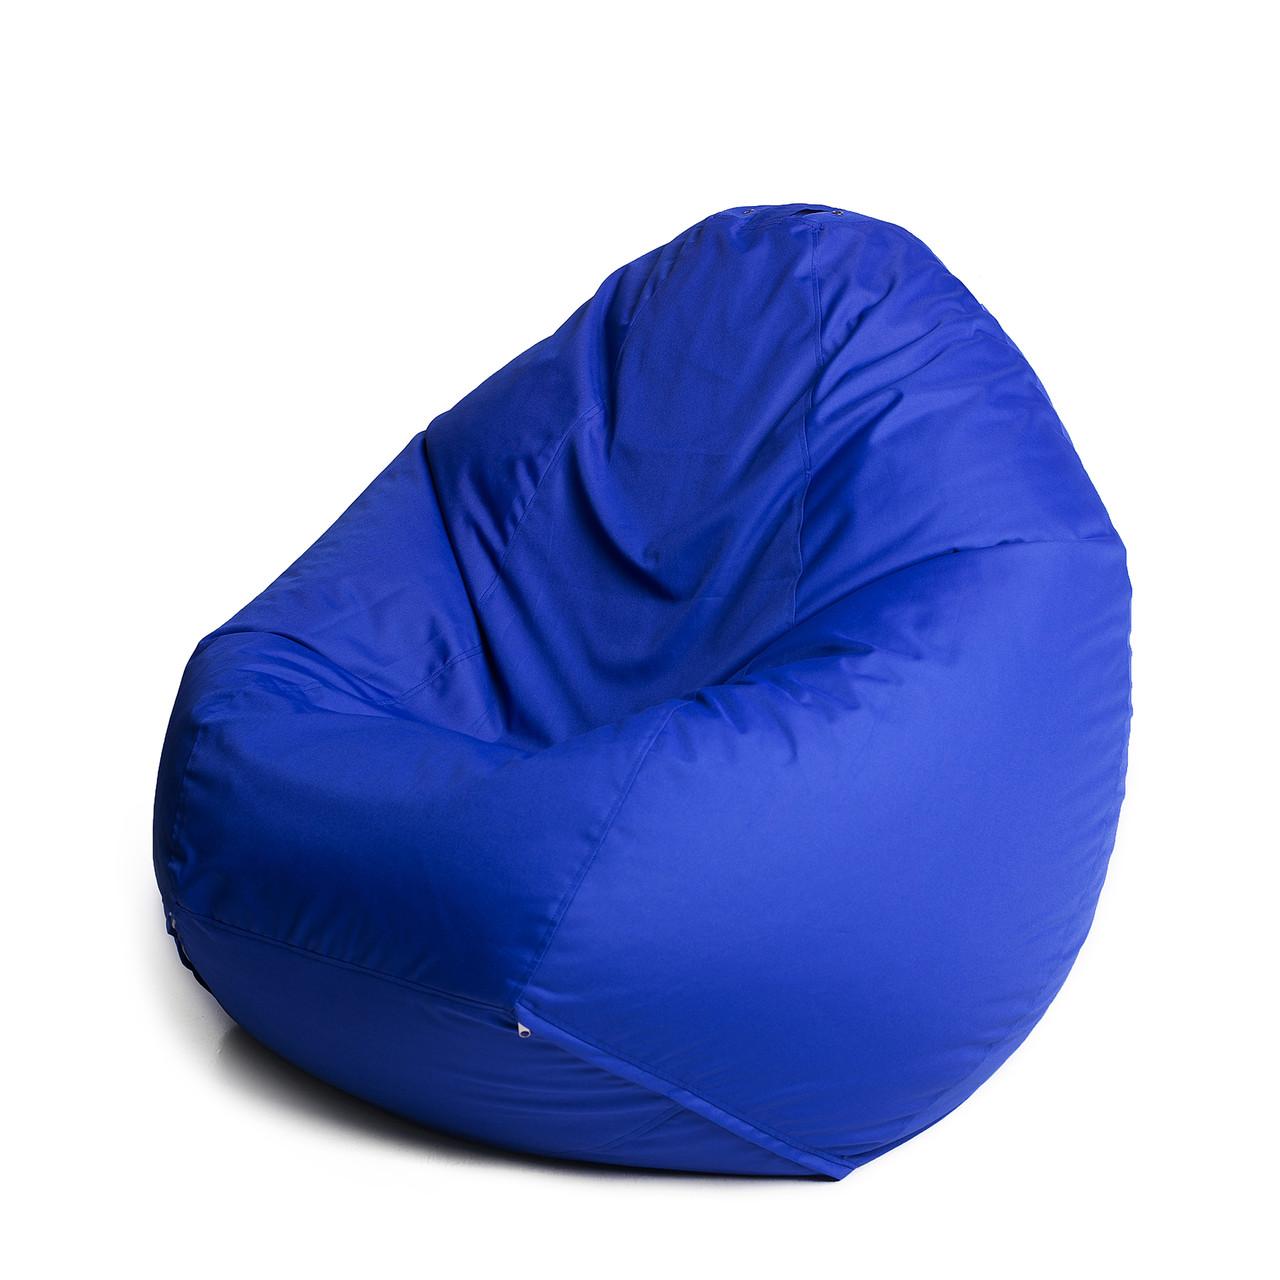 Кресло мешок груша с внутренним чехлом | Ткань Oxford L (Высота 90 см, ширина 60 см), Синий